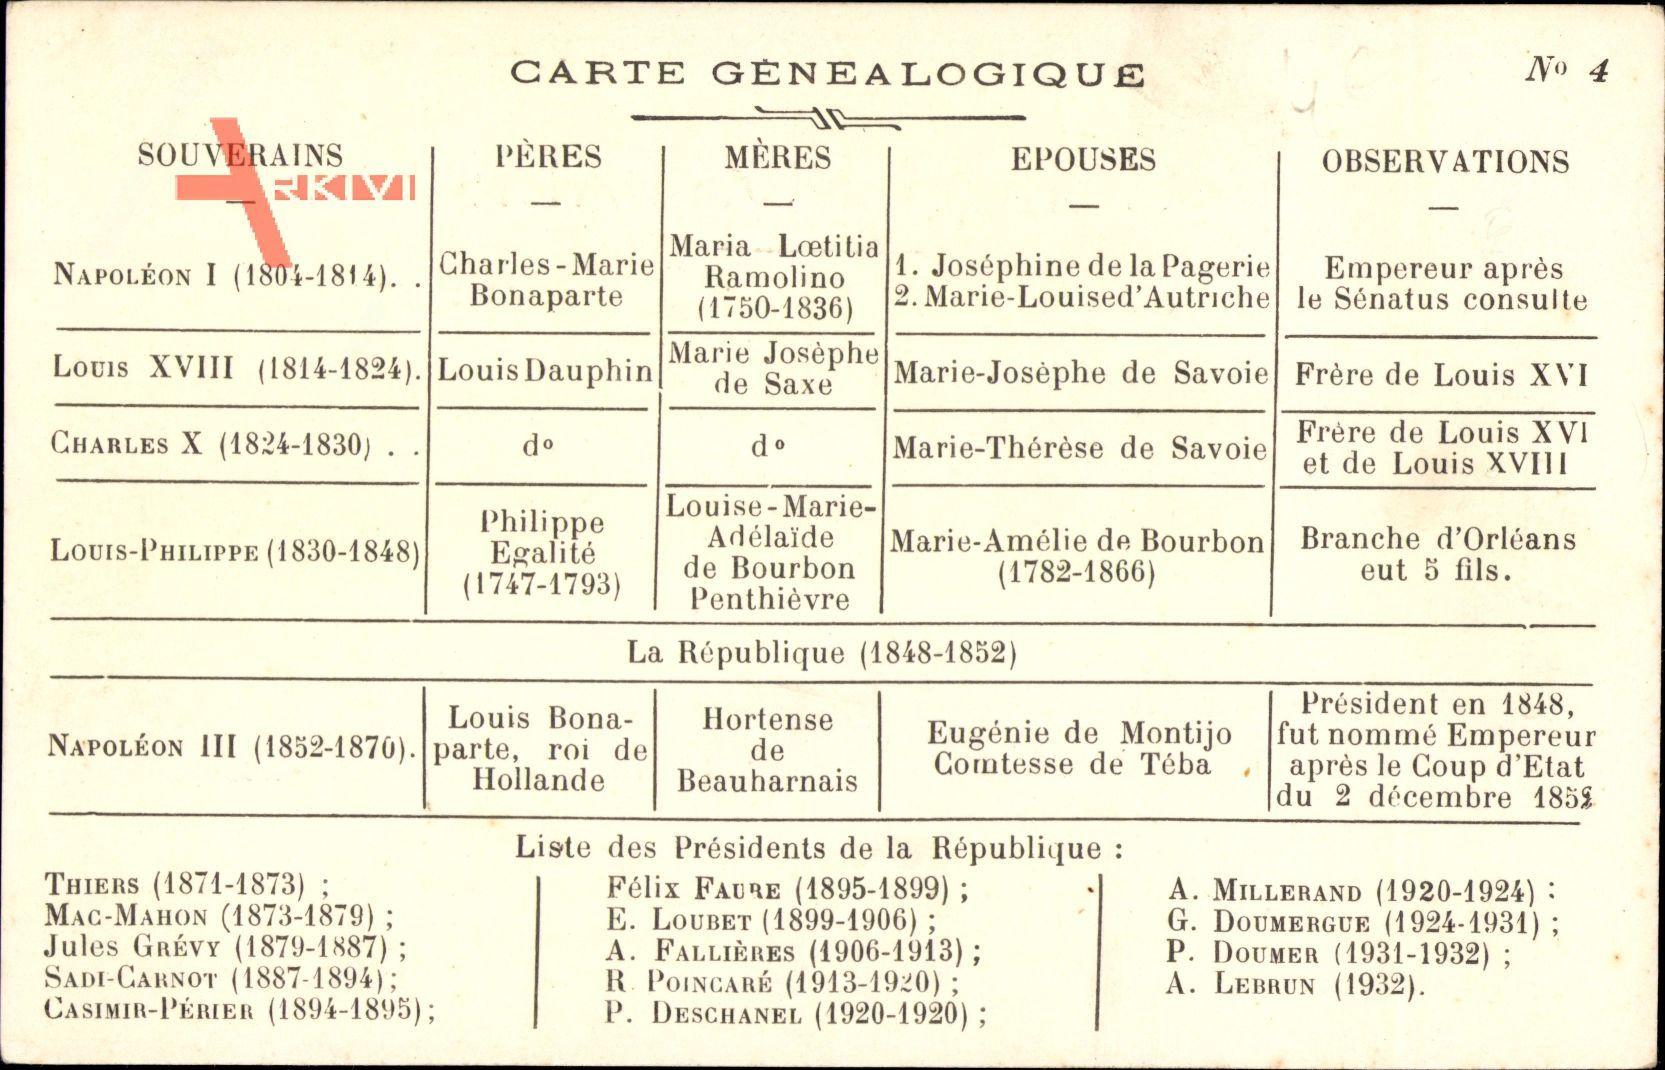 Carte Génealogique, Napoléon I., Louis XVIII., Charles X., Napoléon III.